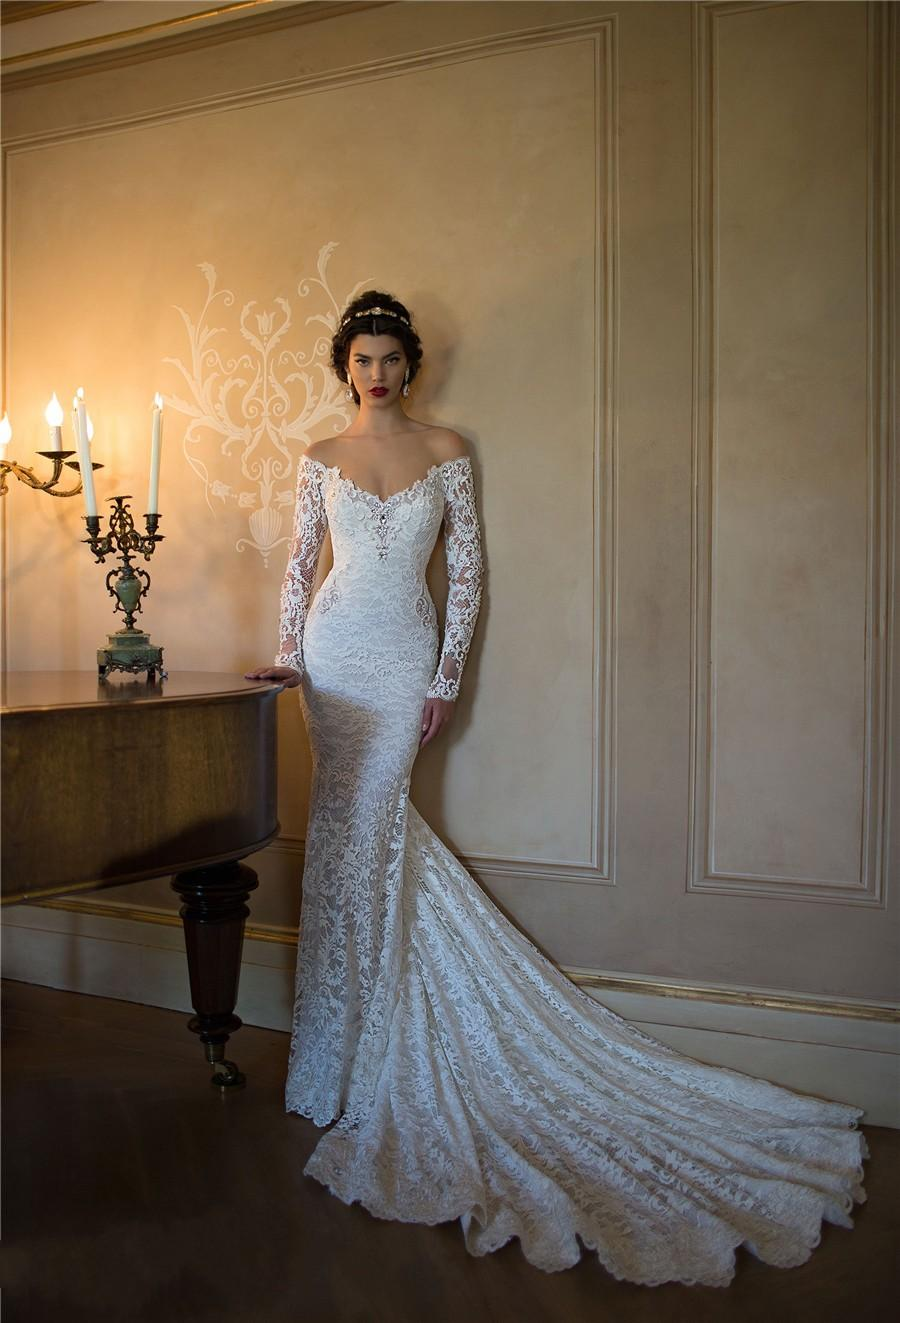 Берта Топ Кружева Свадебные платья с Illusion длинными рукавами 2015 Sexy Глубокий V-образным вырезом